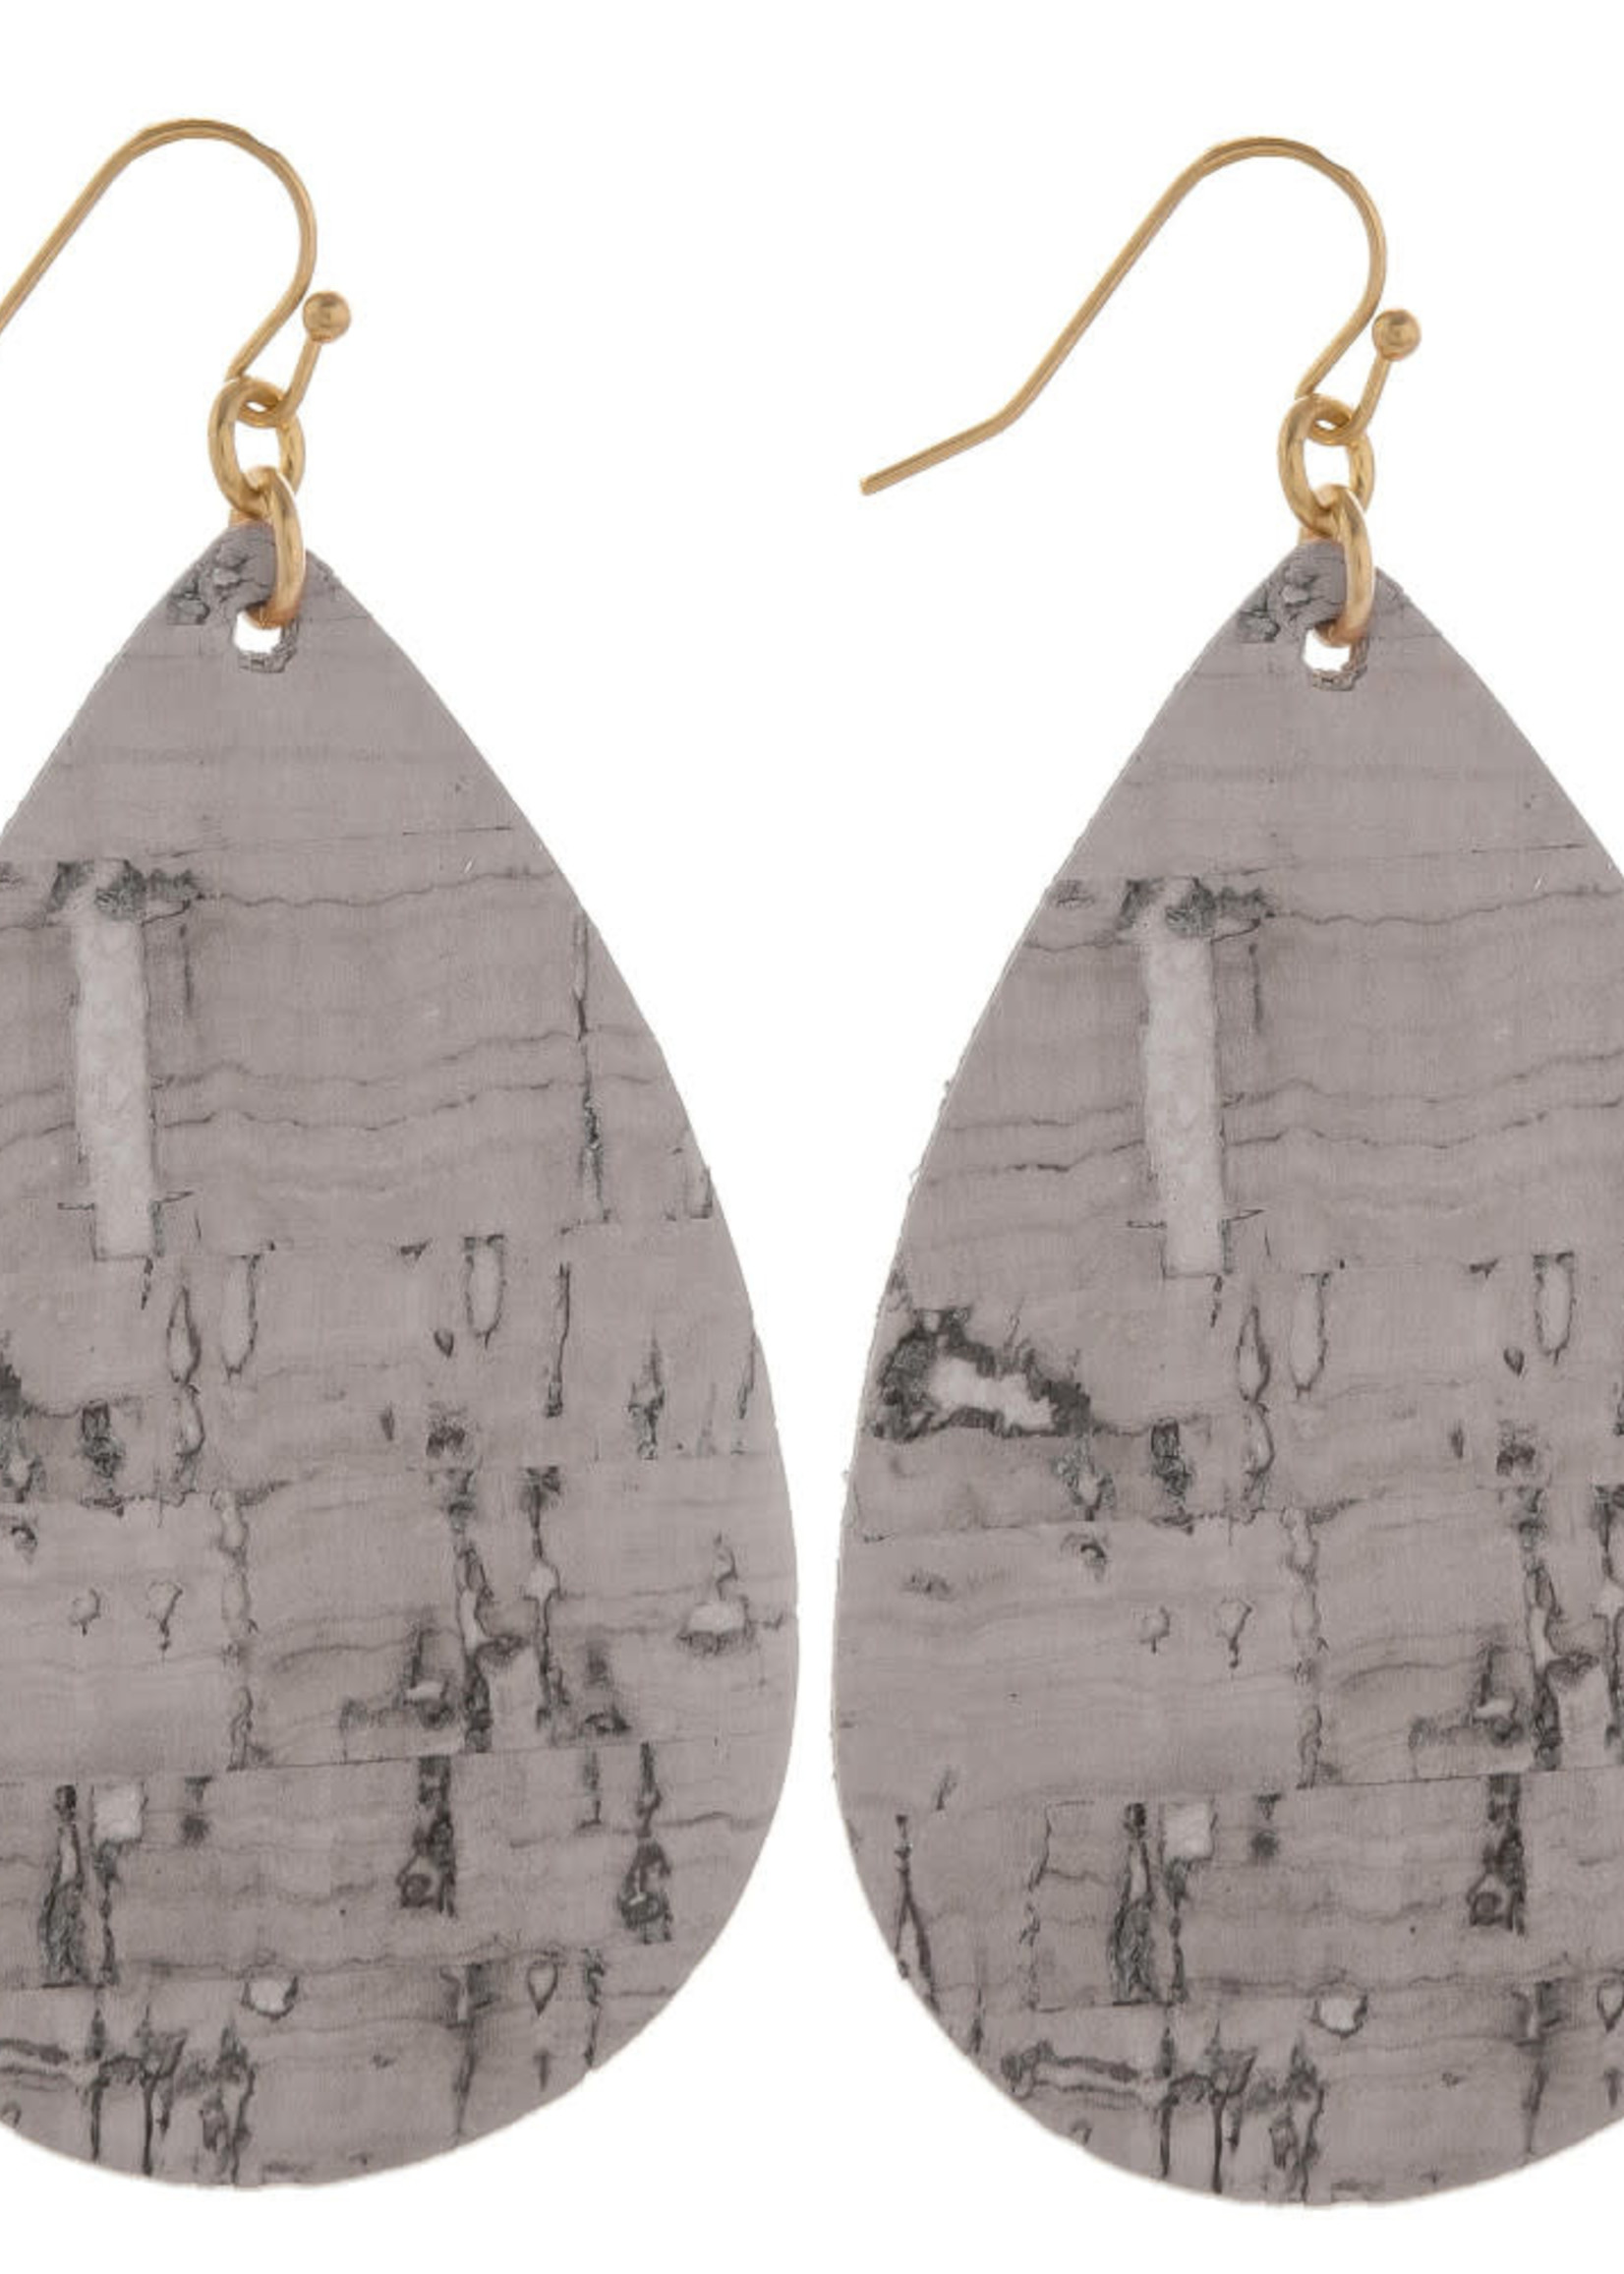 Cork Inspired Teardrop Earrings - Gray